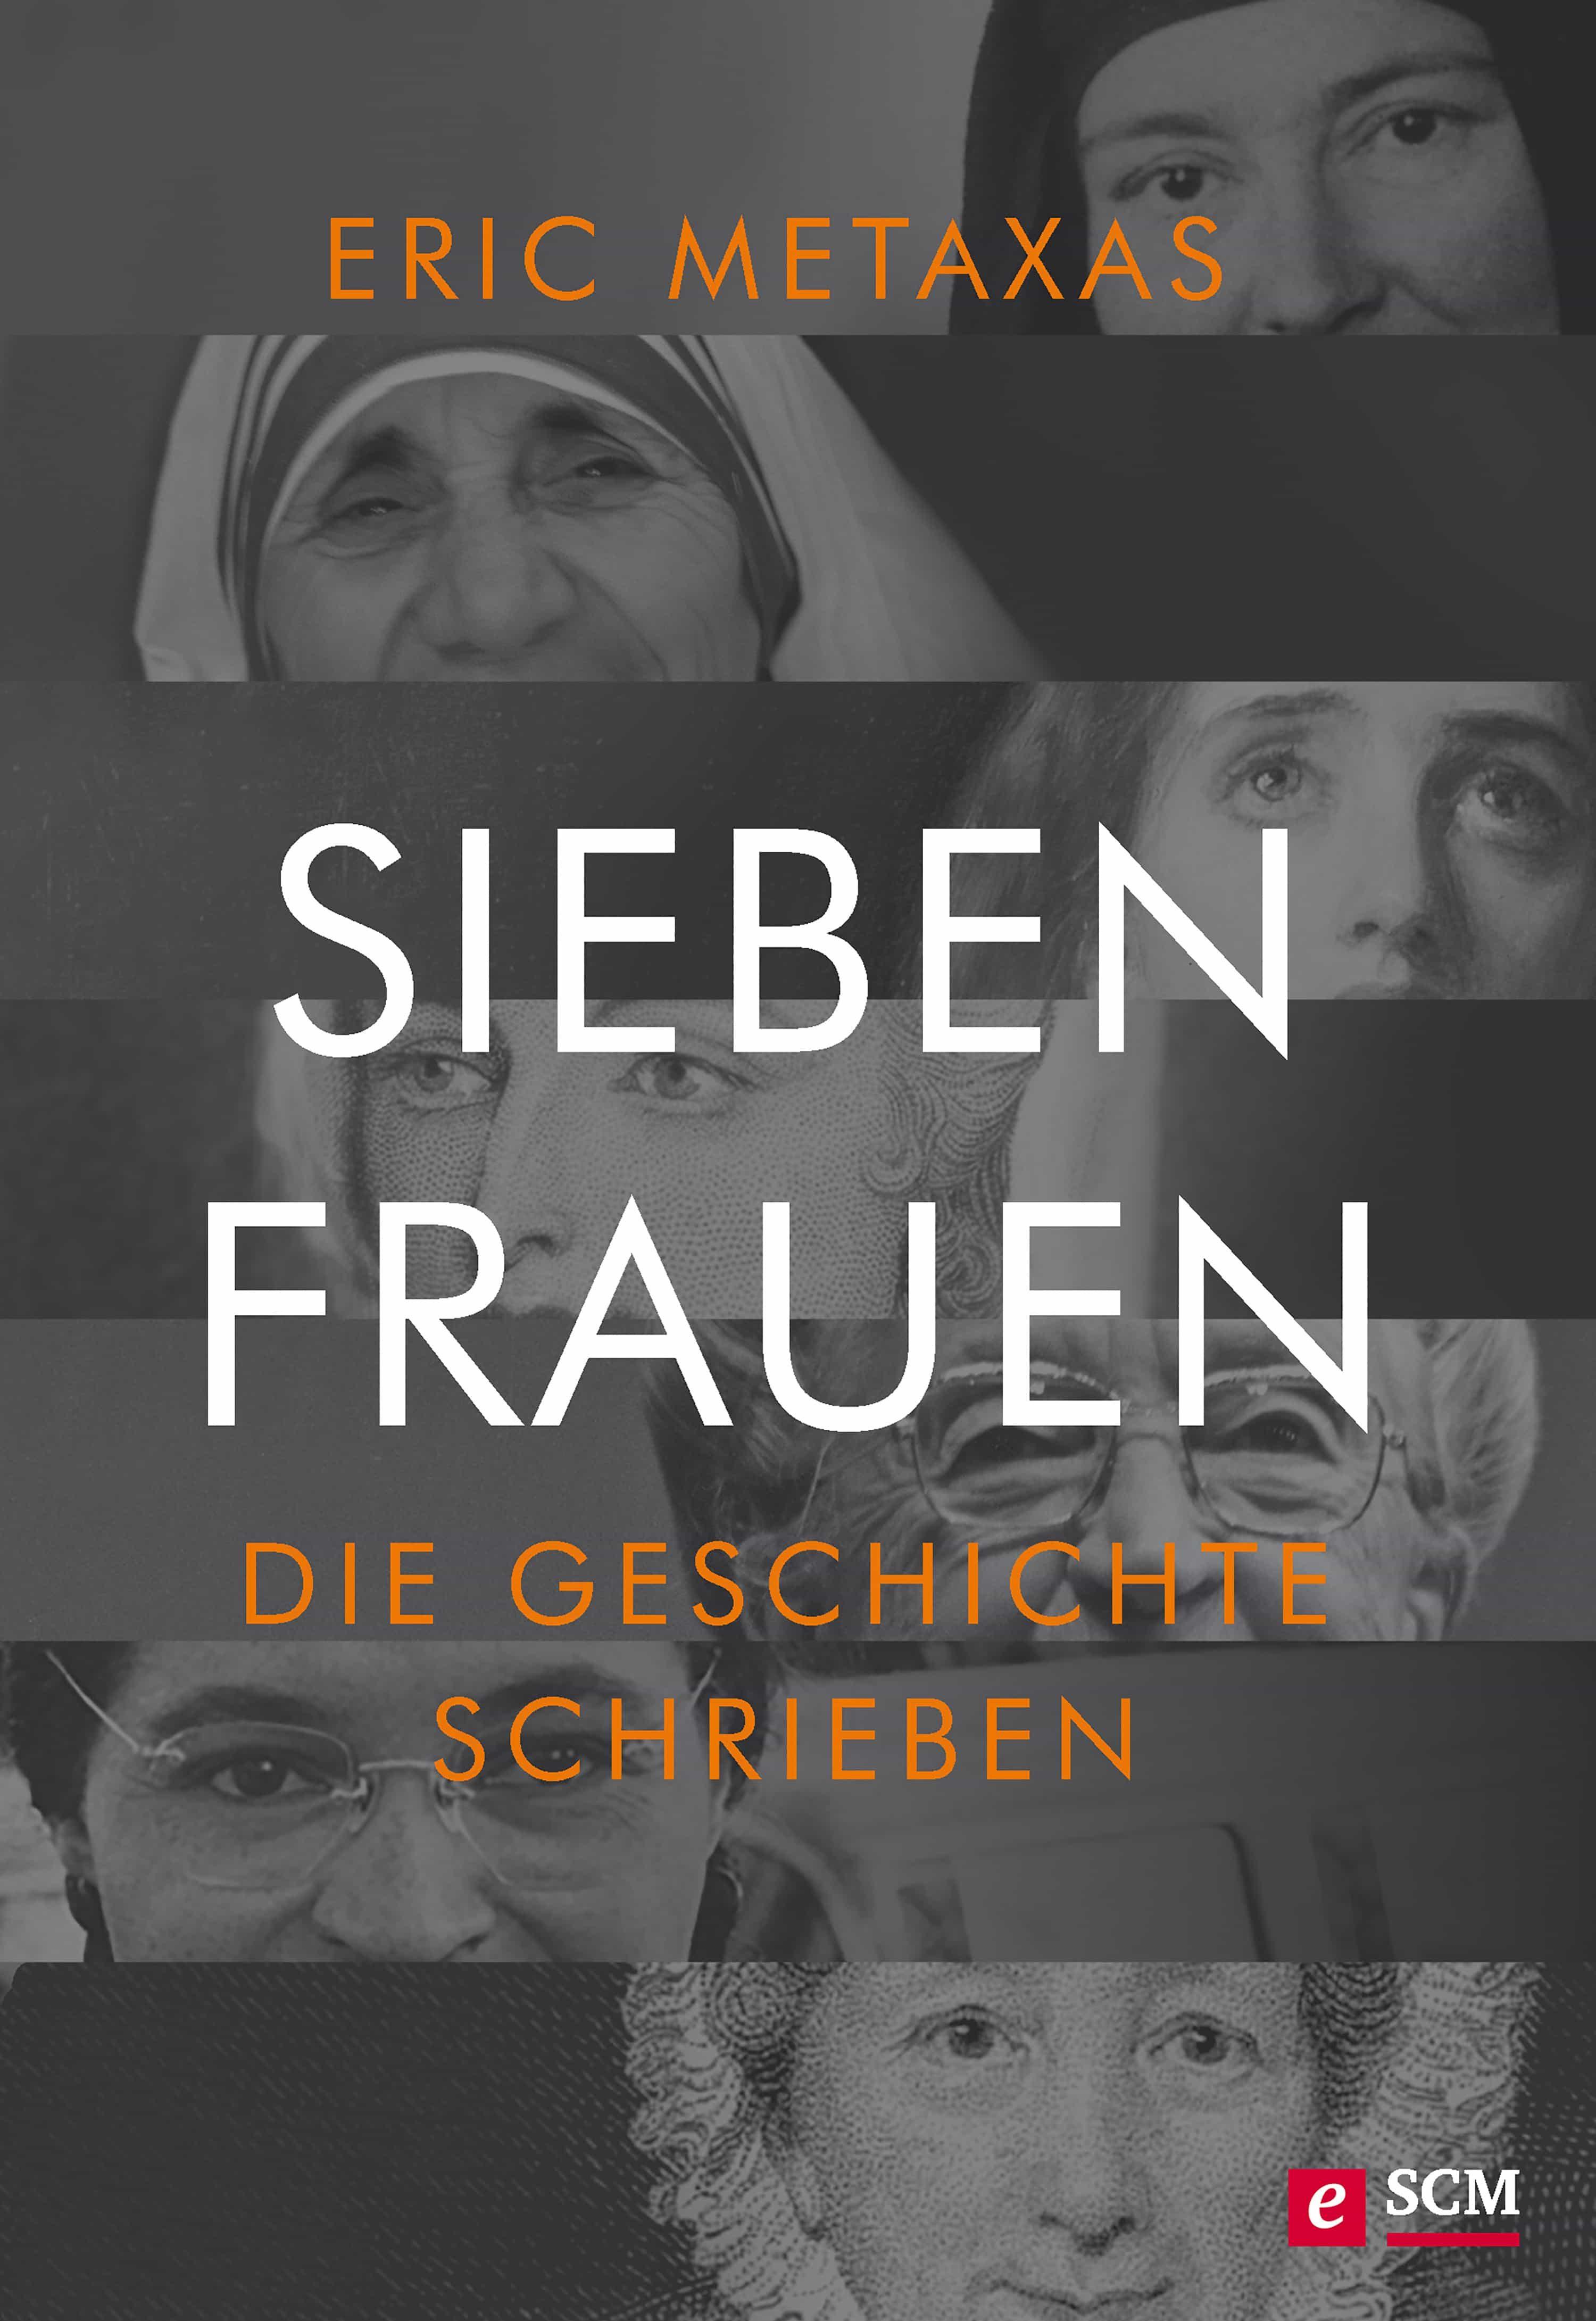 Sieben Frauen, Die Geschichte Schrieben   por Eric Metaxas epub